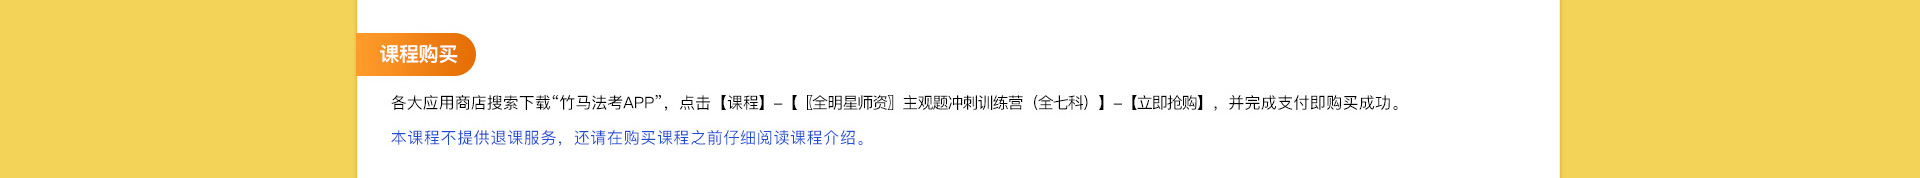 PCxiangqing_08.jpg